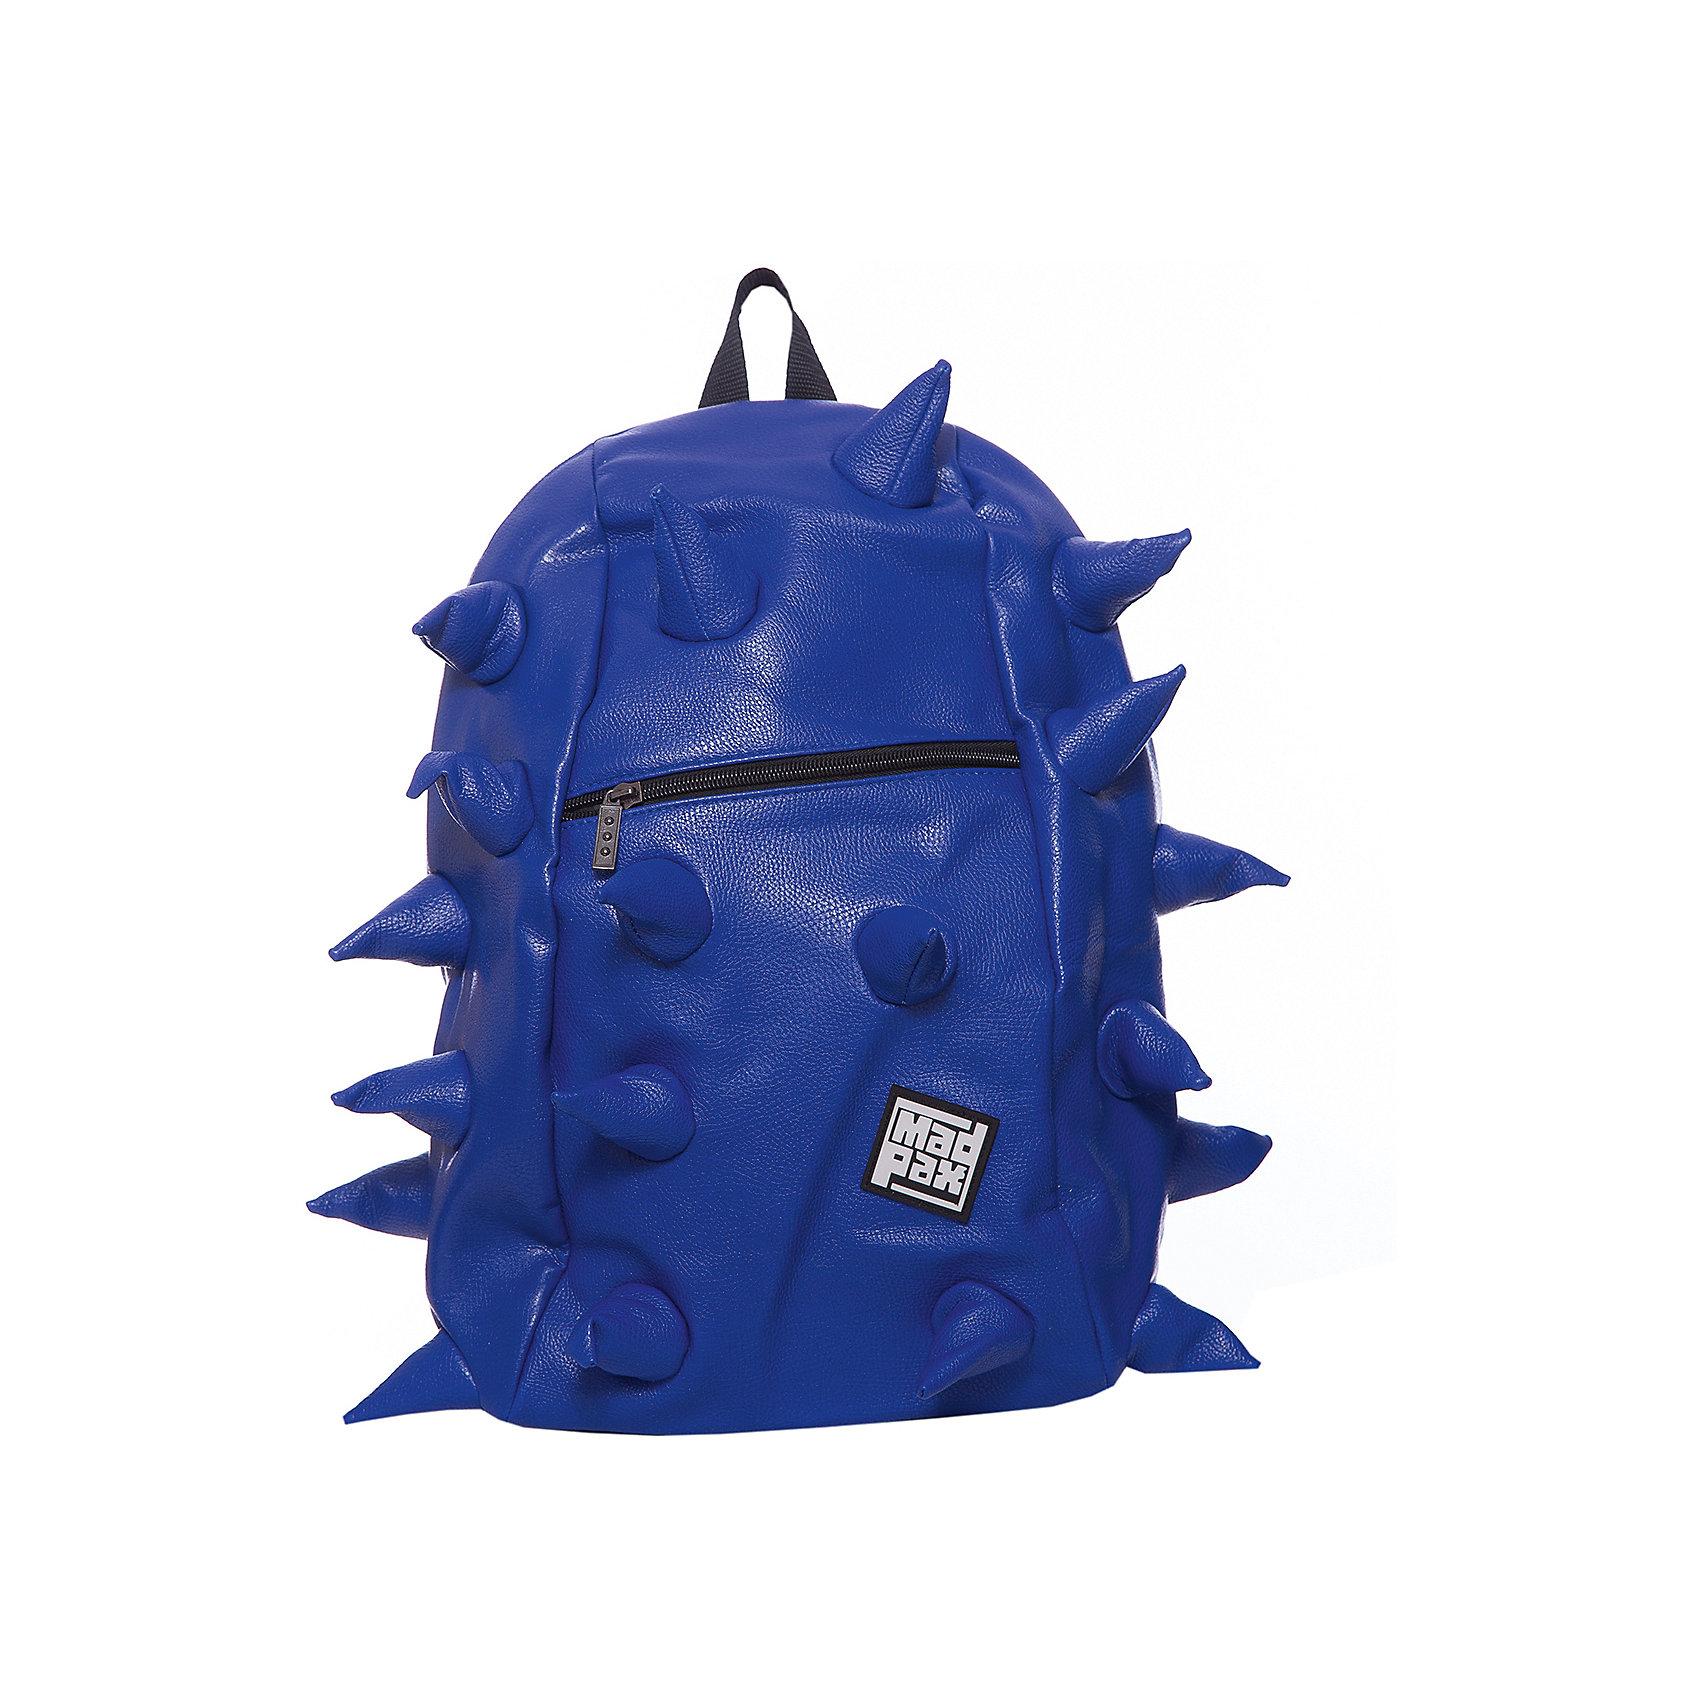 Рюкзак Rex VE  Full Front Zipper Navy, цвет синийРюкзаки<br>Характеристики товара:<br><br>• цвет: Front Zipper Navy (синий);<br>• возраст: от 5 лет;<br>• вес: 0,8 кг;<br>• размер: 46х36х20 см;<br>• особенности модели: с пузырями;<br>• одно основное отделение на молнии;<br>• мягкие воздухопроницаемые широкие лямки;<br>• ортопедическая спинка с мягкой обивкой;<br>• фронтальный карман на молнии;<br>• материал: полиуретан;<br>• страна бренда: США;<br>• страна изготовитель: Китай.<br><br>Стильный и практичный рюкзак уместный в ритме большого города. <br><br>Закрывается на молнию. Модель помимо лямки для переноски в руке, имеет мягкие и широкие регулируемые лямки. Стильное дополнение этой новинки является асимметричный карман на молнии спереди, что придает изделию дерзость и эффектность. Полностью вентилируемая и ортопедическая спинка создаёт дополнительный комфорт Вашей спине.<br><br>Рюкзак Madpax «Rex VE  Full» можно купить в нашем интернет-магазине.<br><br>Ширина мм: 460<br>Глубина мм: 360<br>Высота мм: 200<br>Вес г: 800<br>Возраст от месяцев: 60<br>Возраст до месяцев: 720<br>Пол: Унисекс<br>Возраст: Детский<br>SKU: 7054099